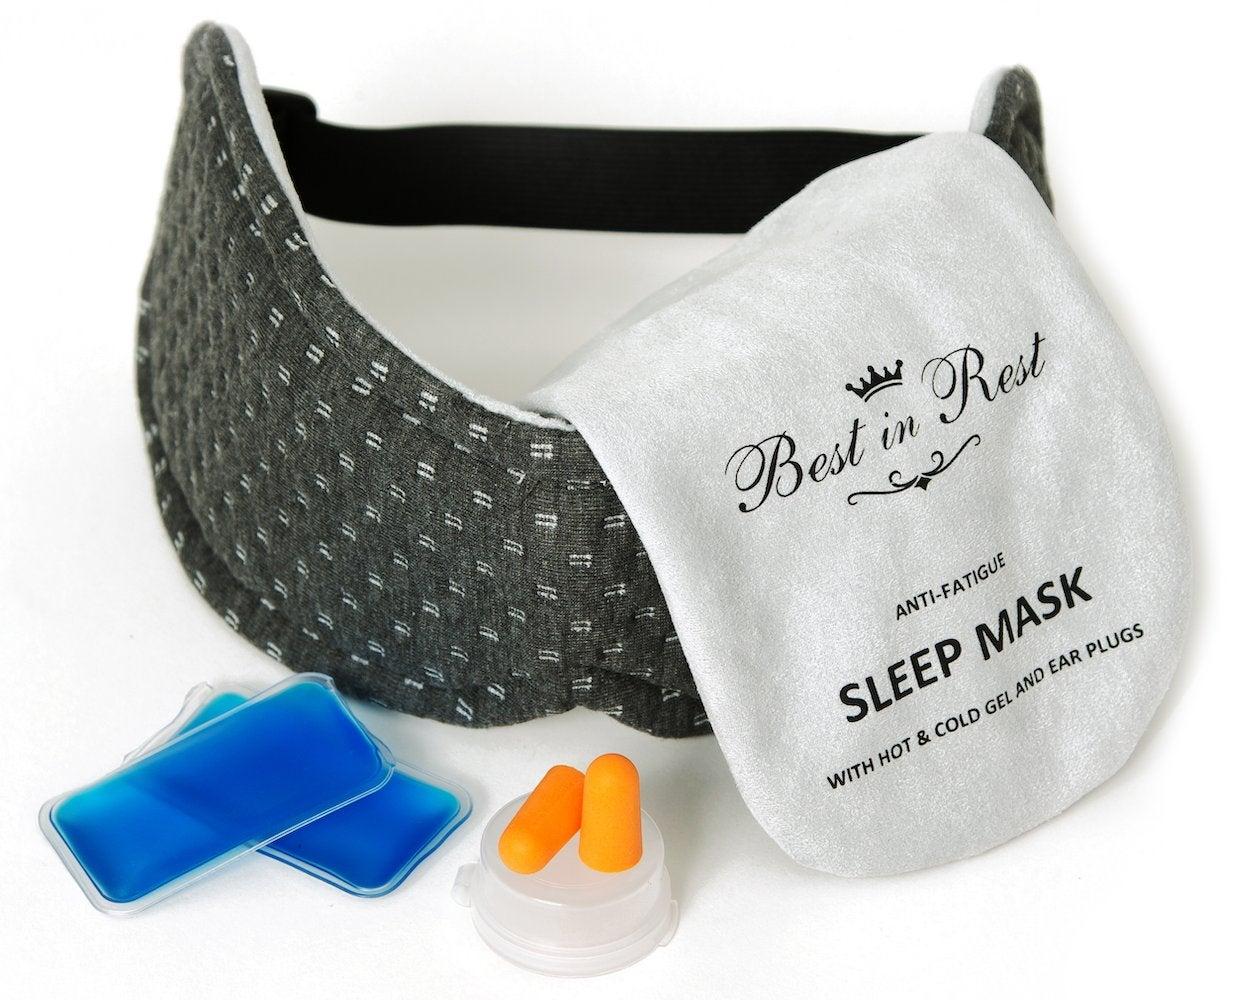 Best in Rest Luxury Memory Foam Anti-Fatigue Sleep Mask